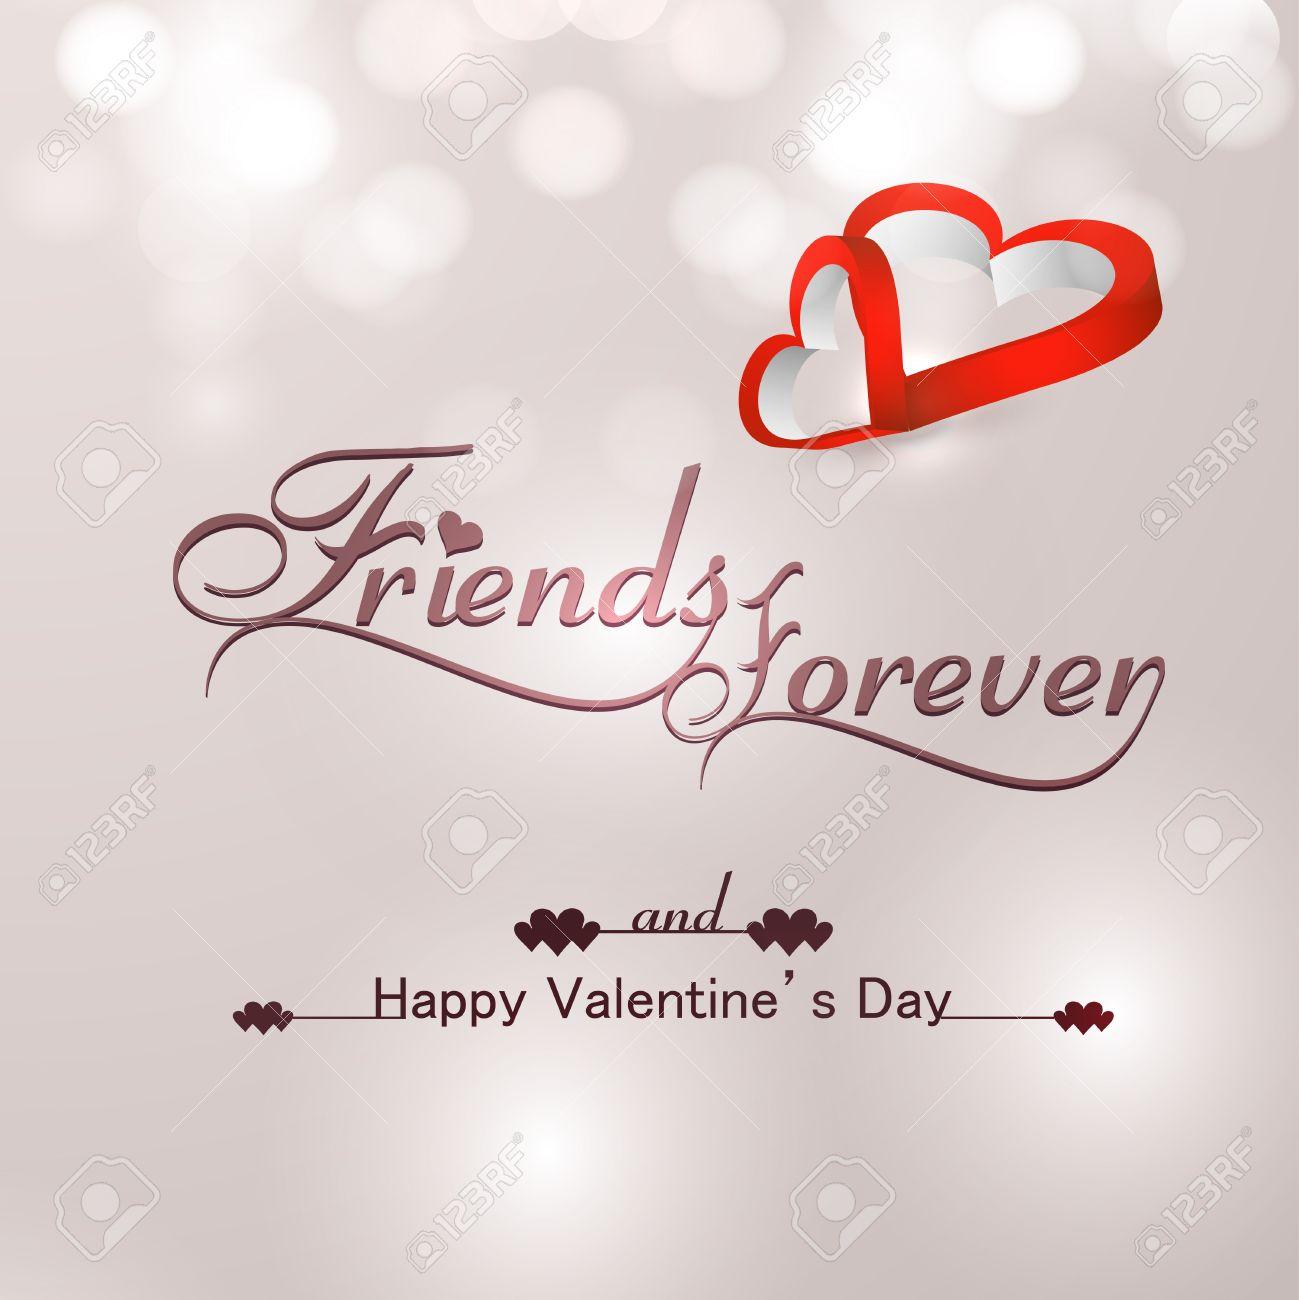 Schone Freunde Fur Immer Fur Die Happy Valentinstag Herzen Stylish